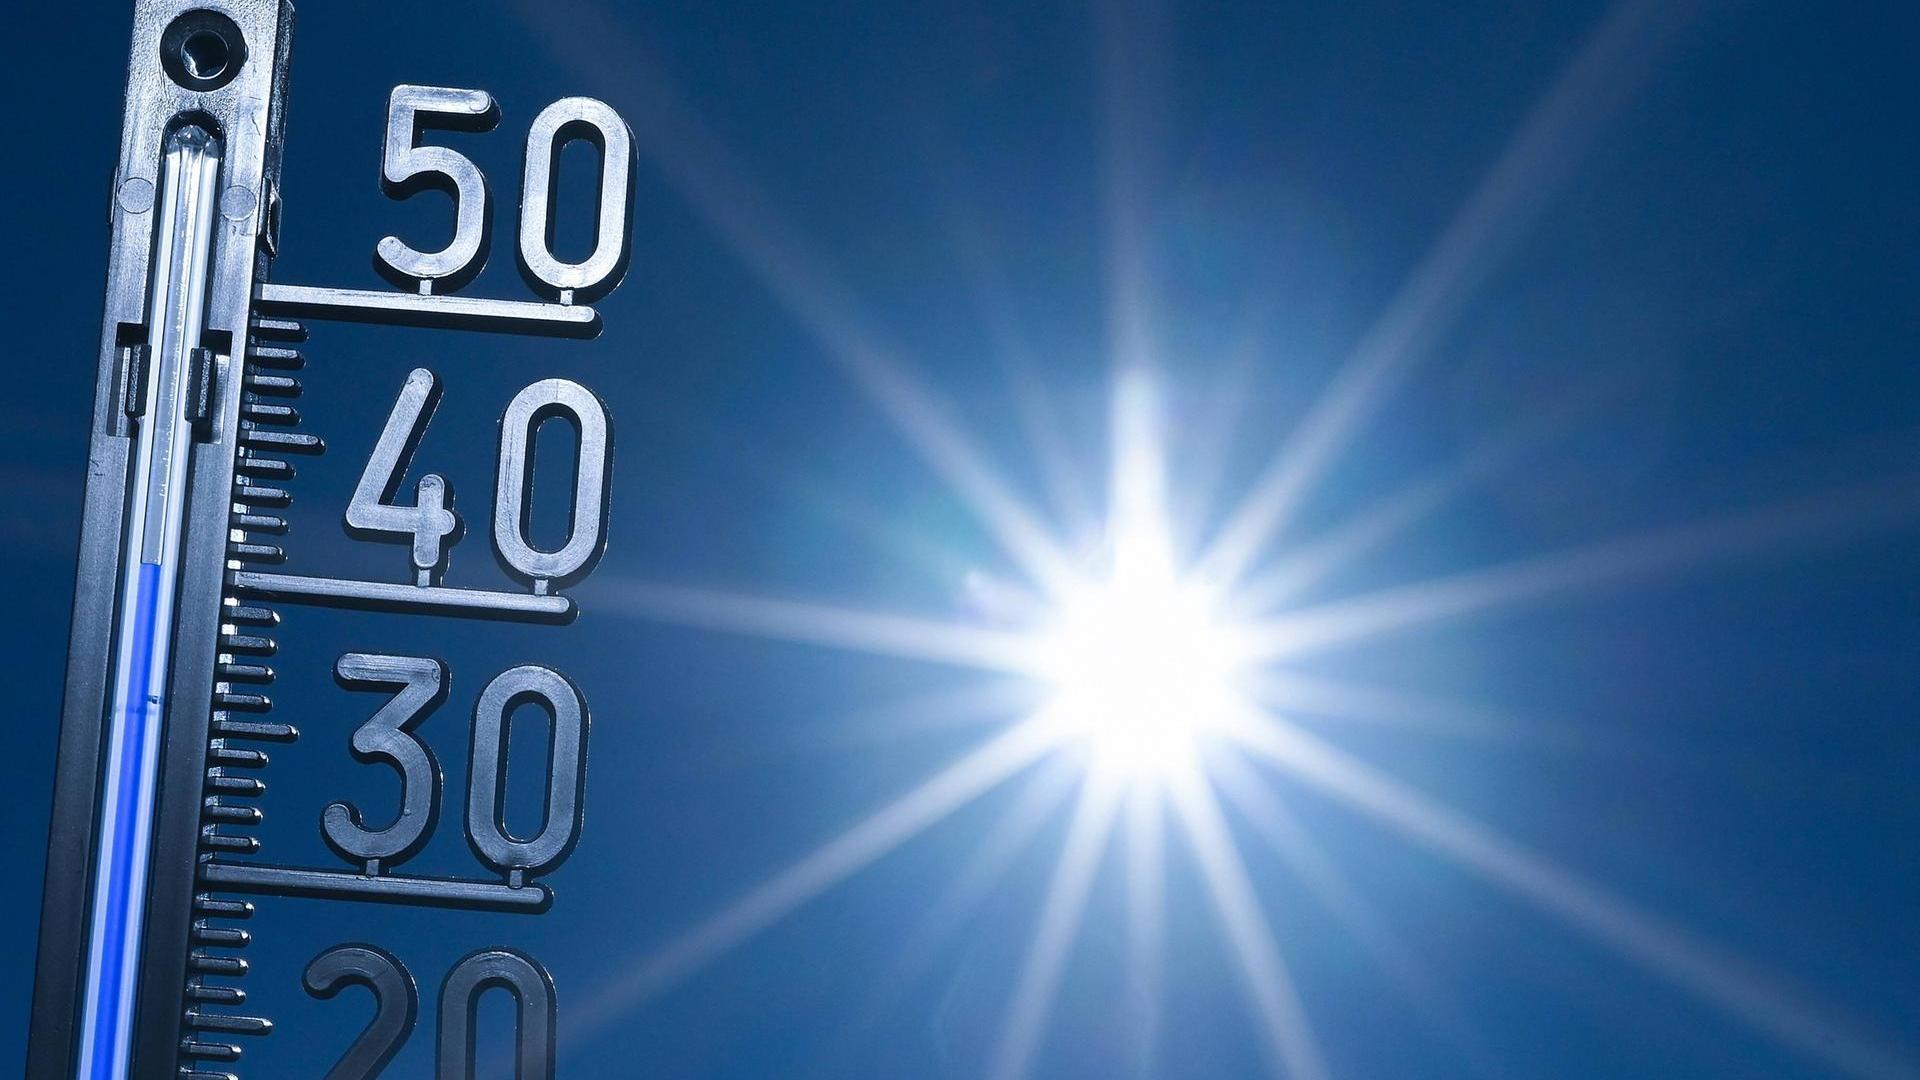 Учёные рассказали об опасном для жизни повышении температуры в городах по всему миру